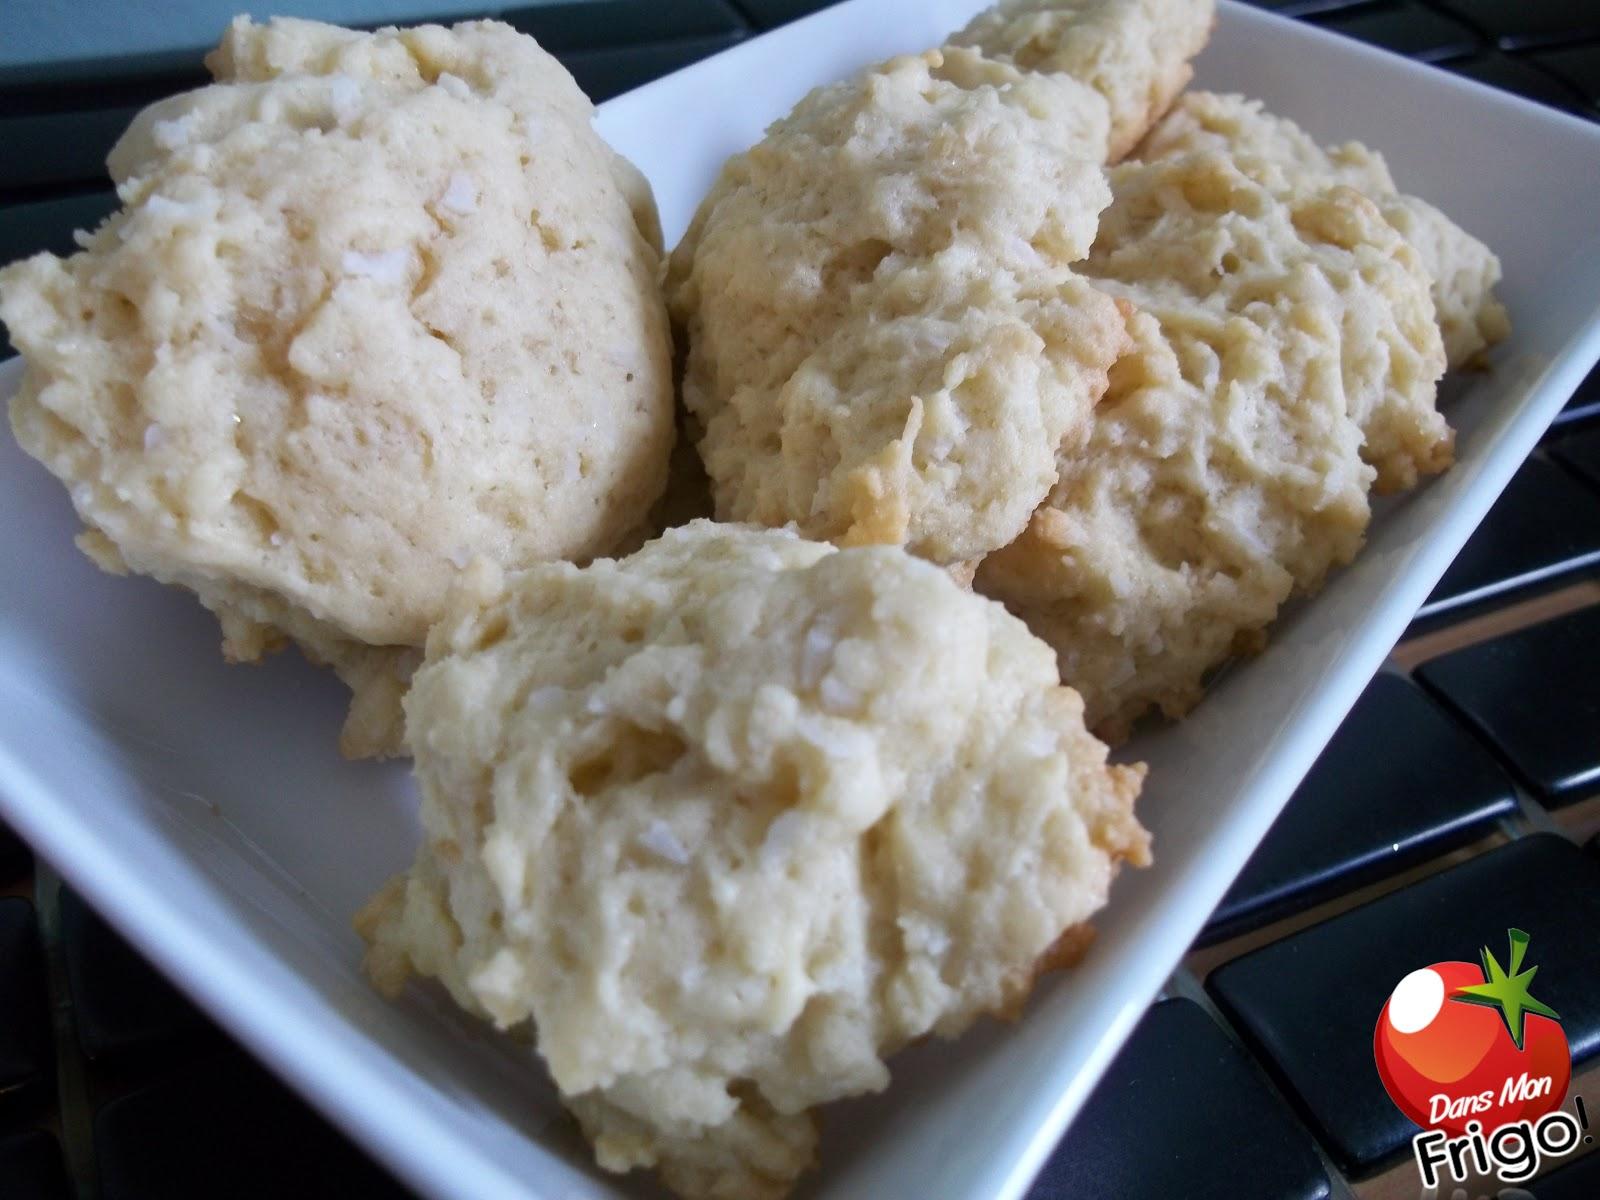 Dans mon frigo biscuits la noix de coco for 750g dans mon frigo